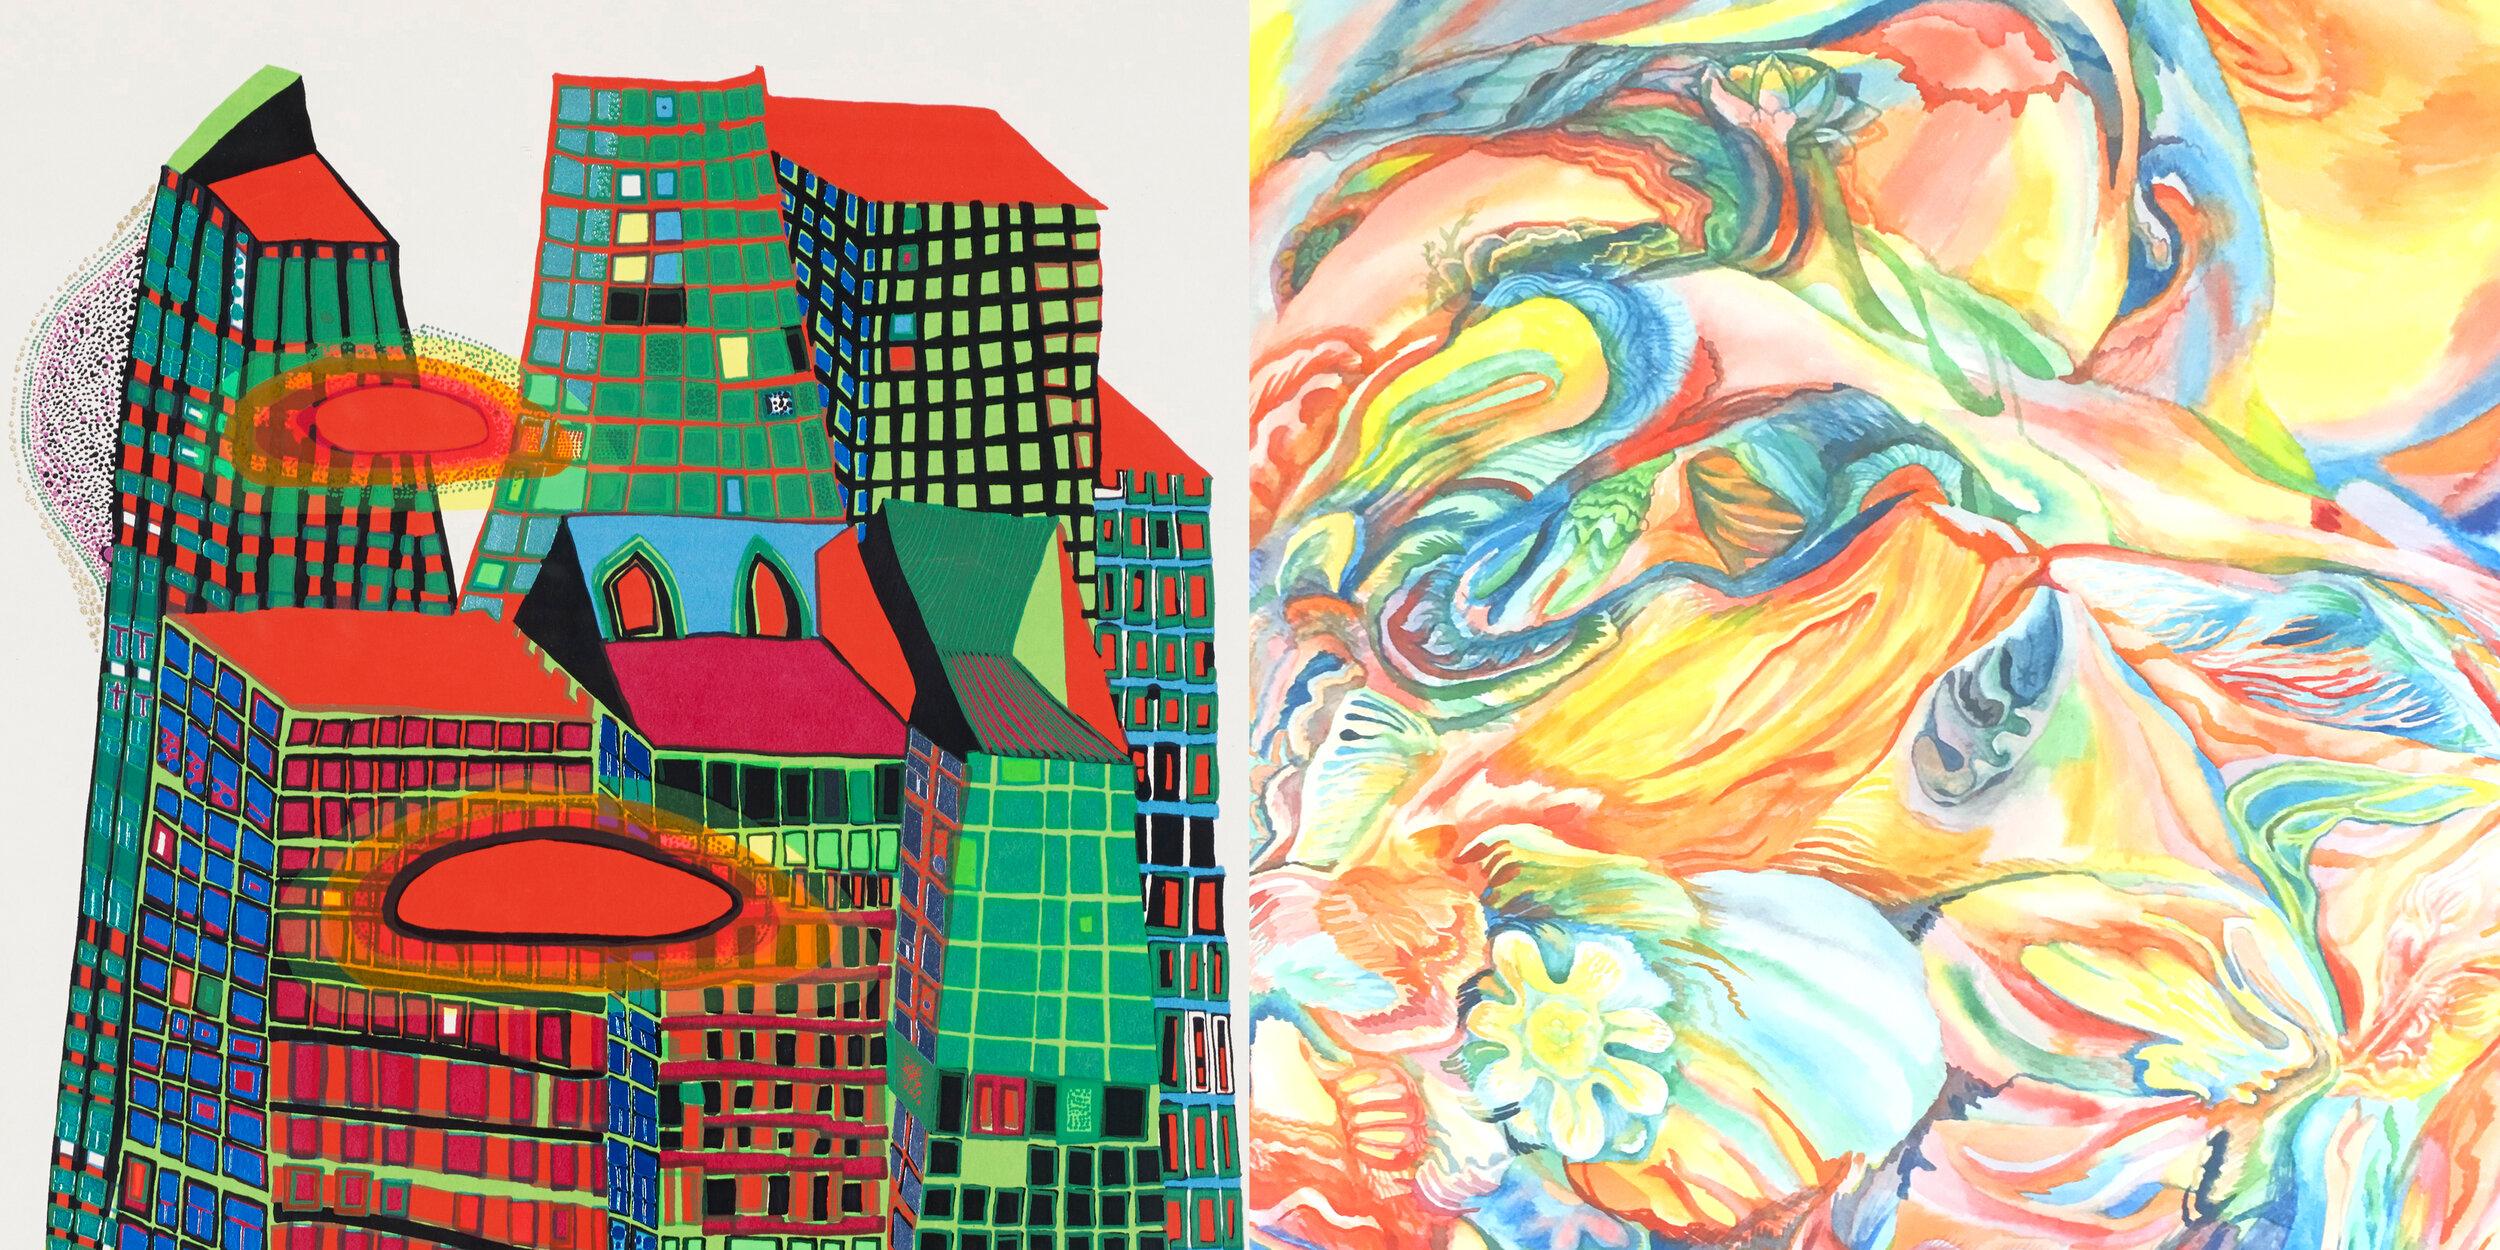 Image: Hundertwasser & Isabel Serrander. Click to download high res.